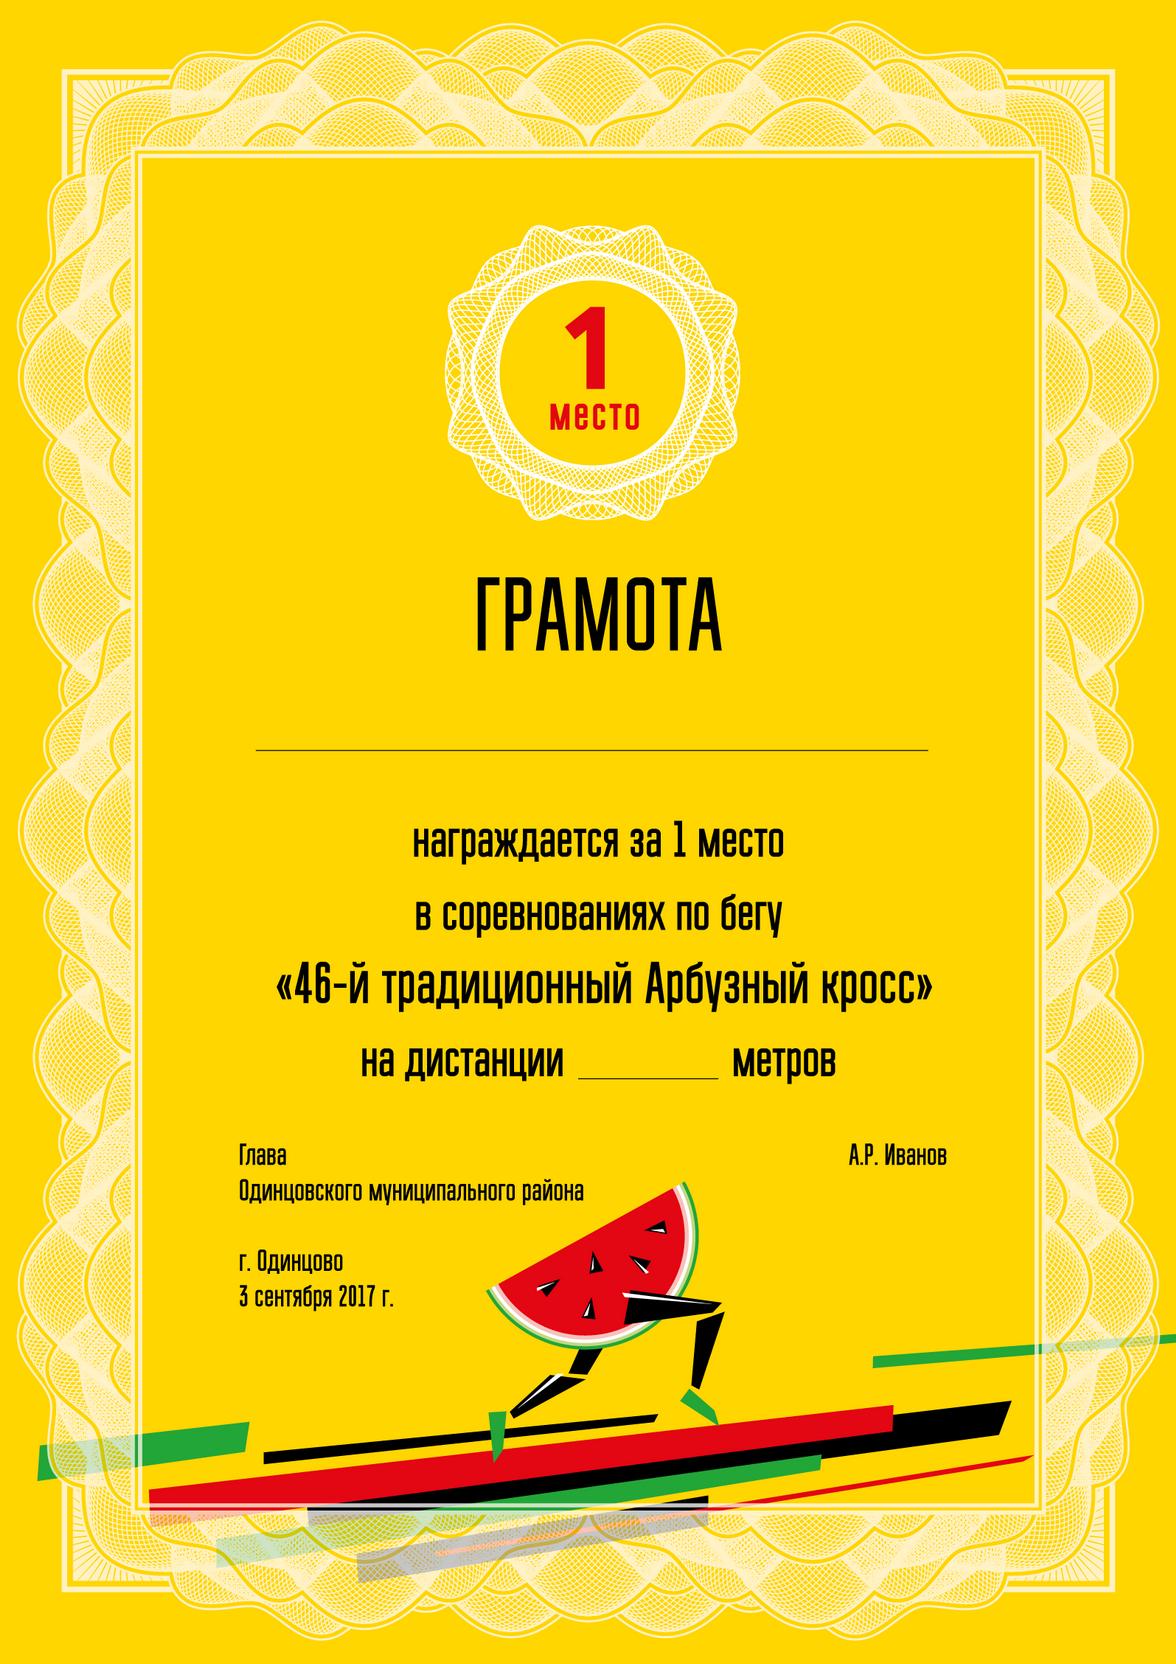 дизайн грамоты арбузный кросс Одинцовский парк